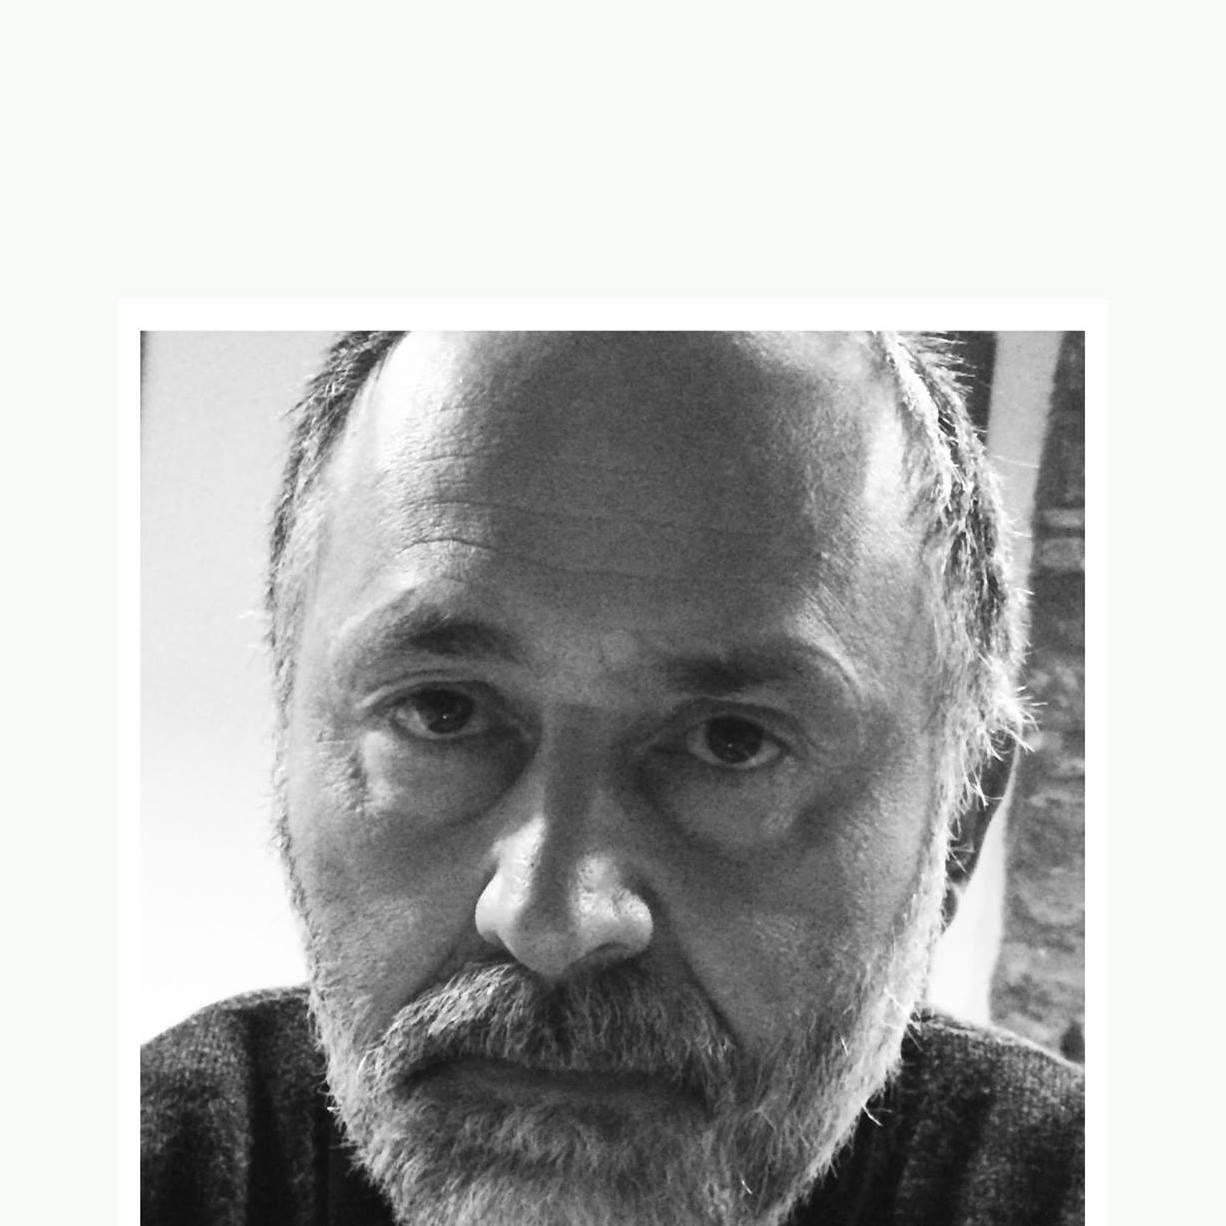 """Viterbo, Piazza San Lorenzo, oltre le """"fake news"""" di parte:  """"Piazza San Lorenzo non va violata, va vietata ai """"grandi eventi"""", la pavimentazione è rotta da anni"""", cittapaese.it incontra l'architetto Alfredo Giacomini"""